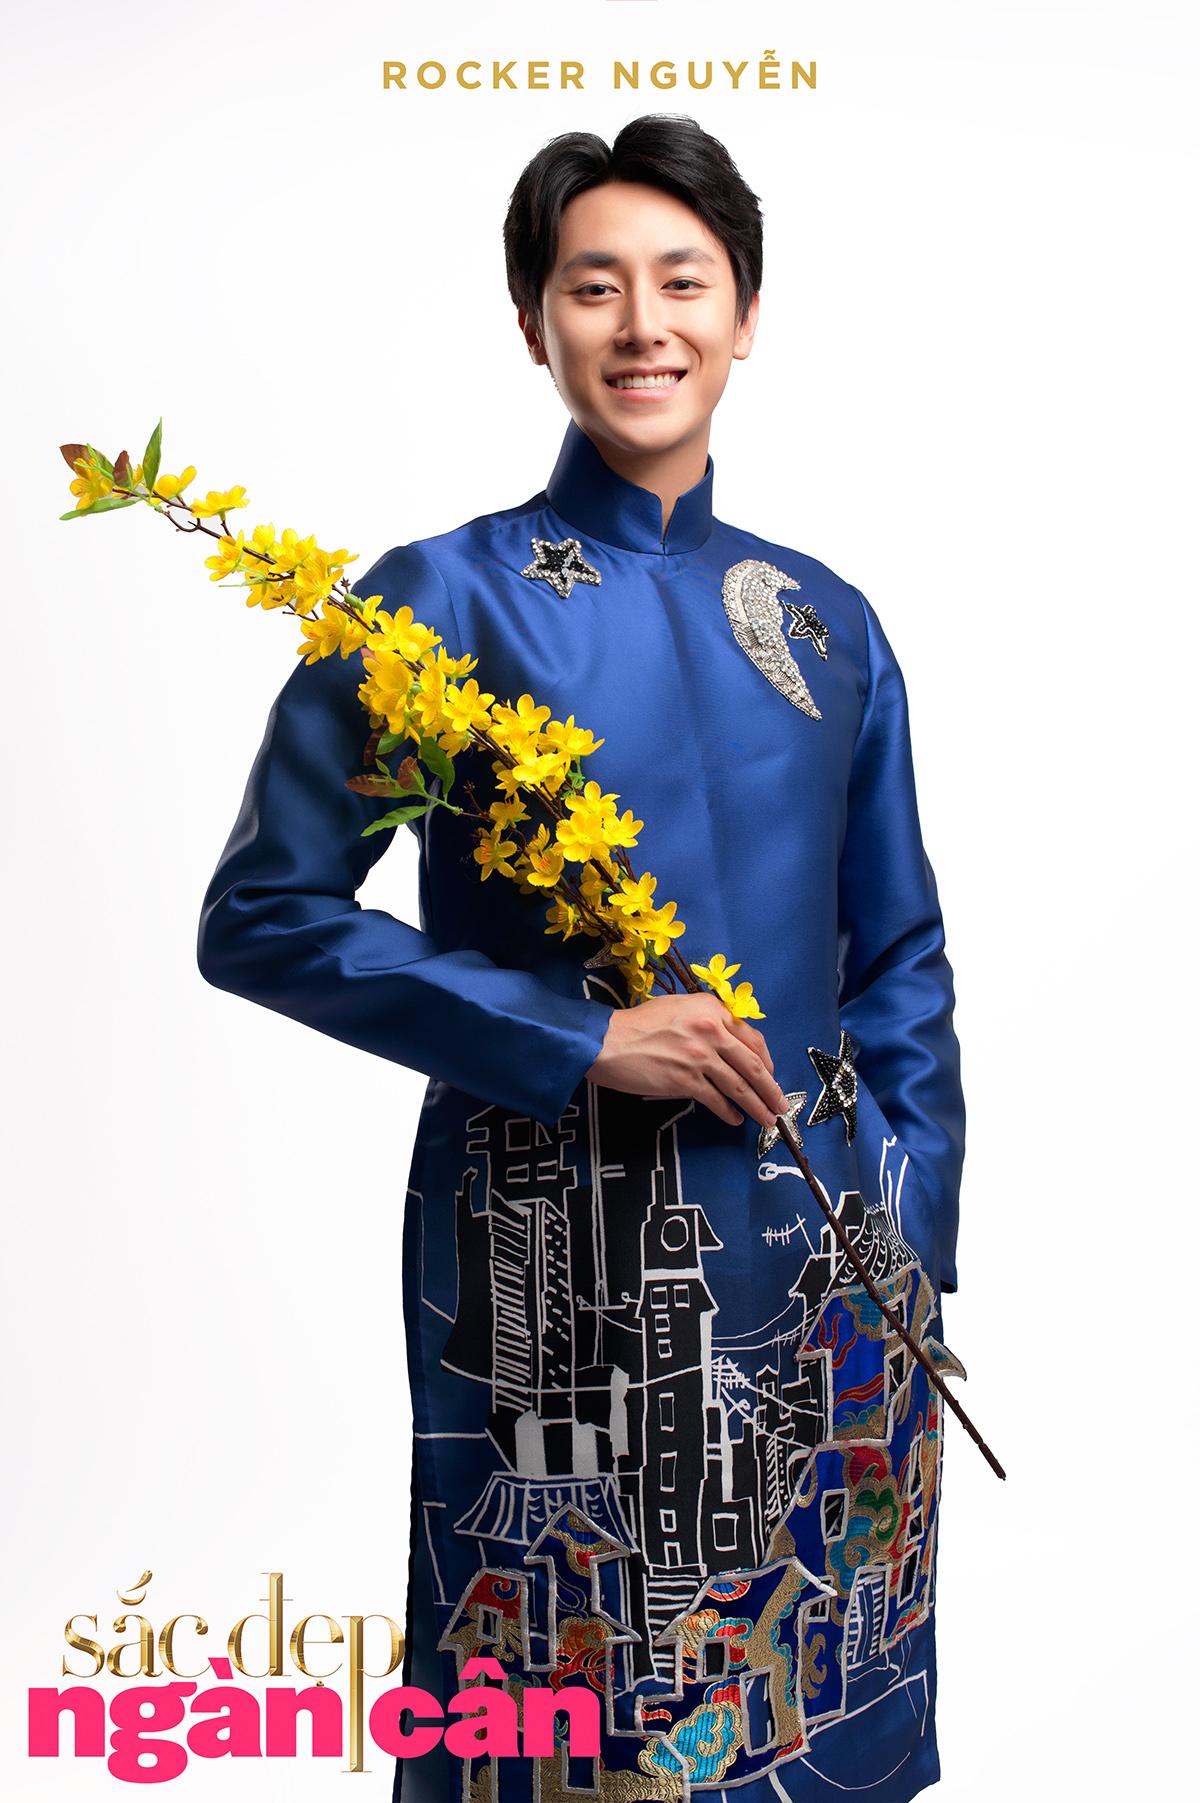 Rocker Nguyễn - Sắc đẹp ngàn cân - elle viet nam